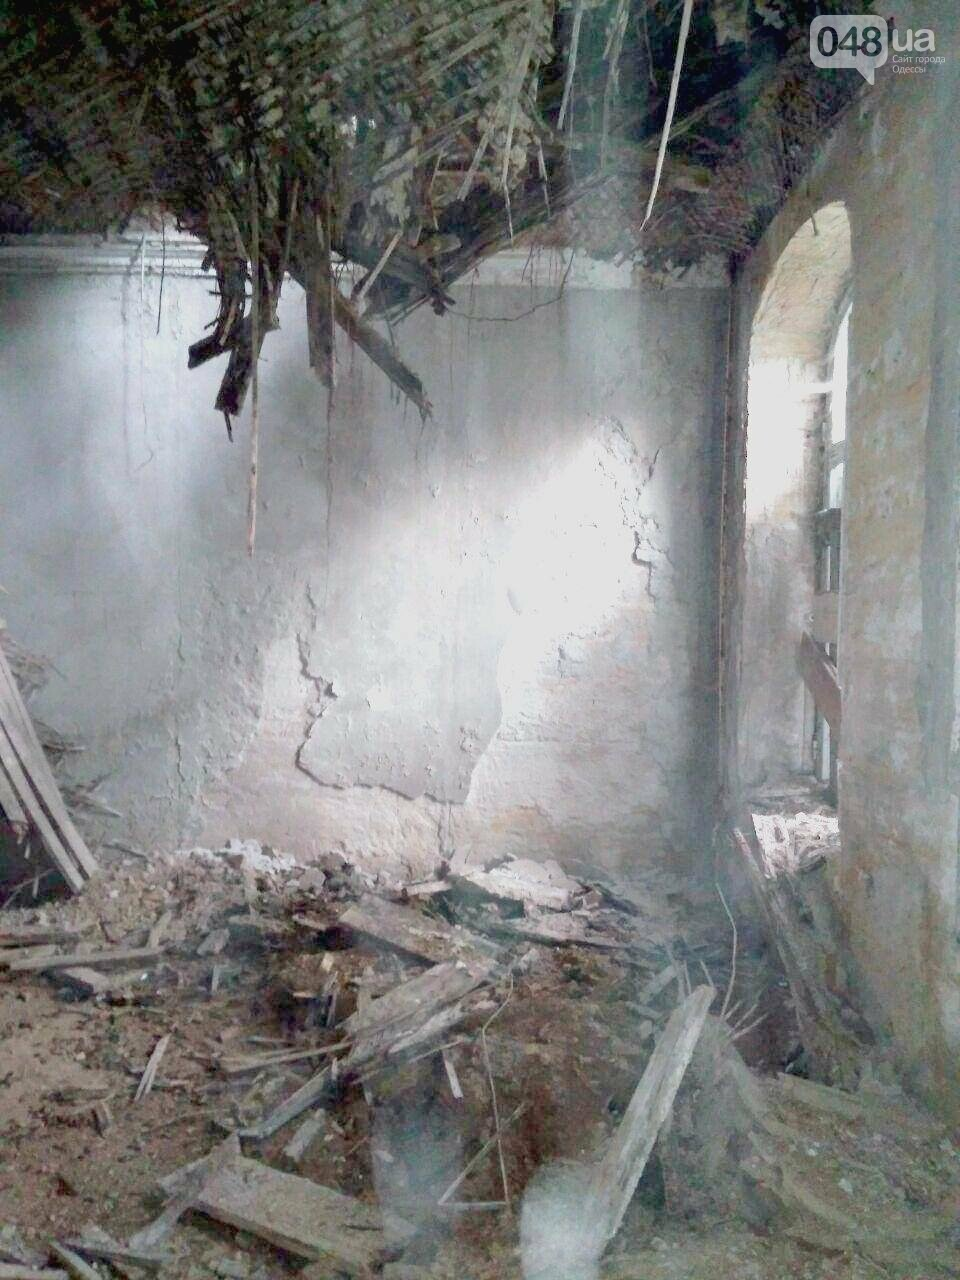 Поймать привидение или провалиться в подземелье: Одесский Дом Гоголя изнутри (ФОТО), фото-25